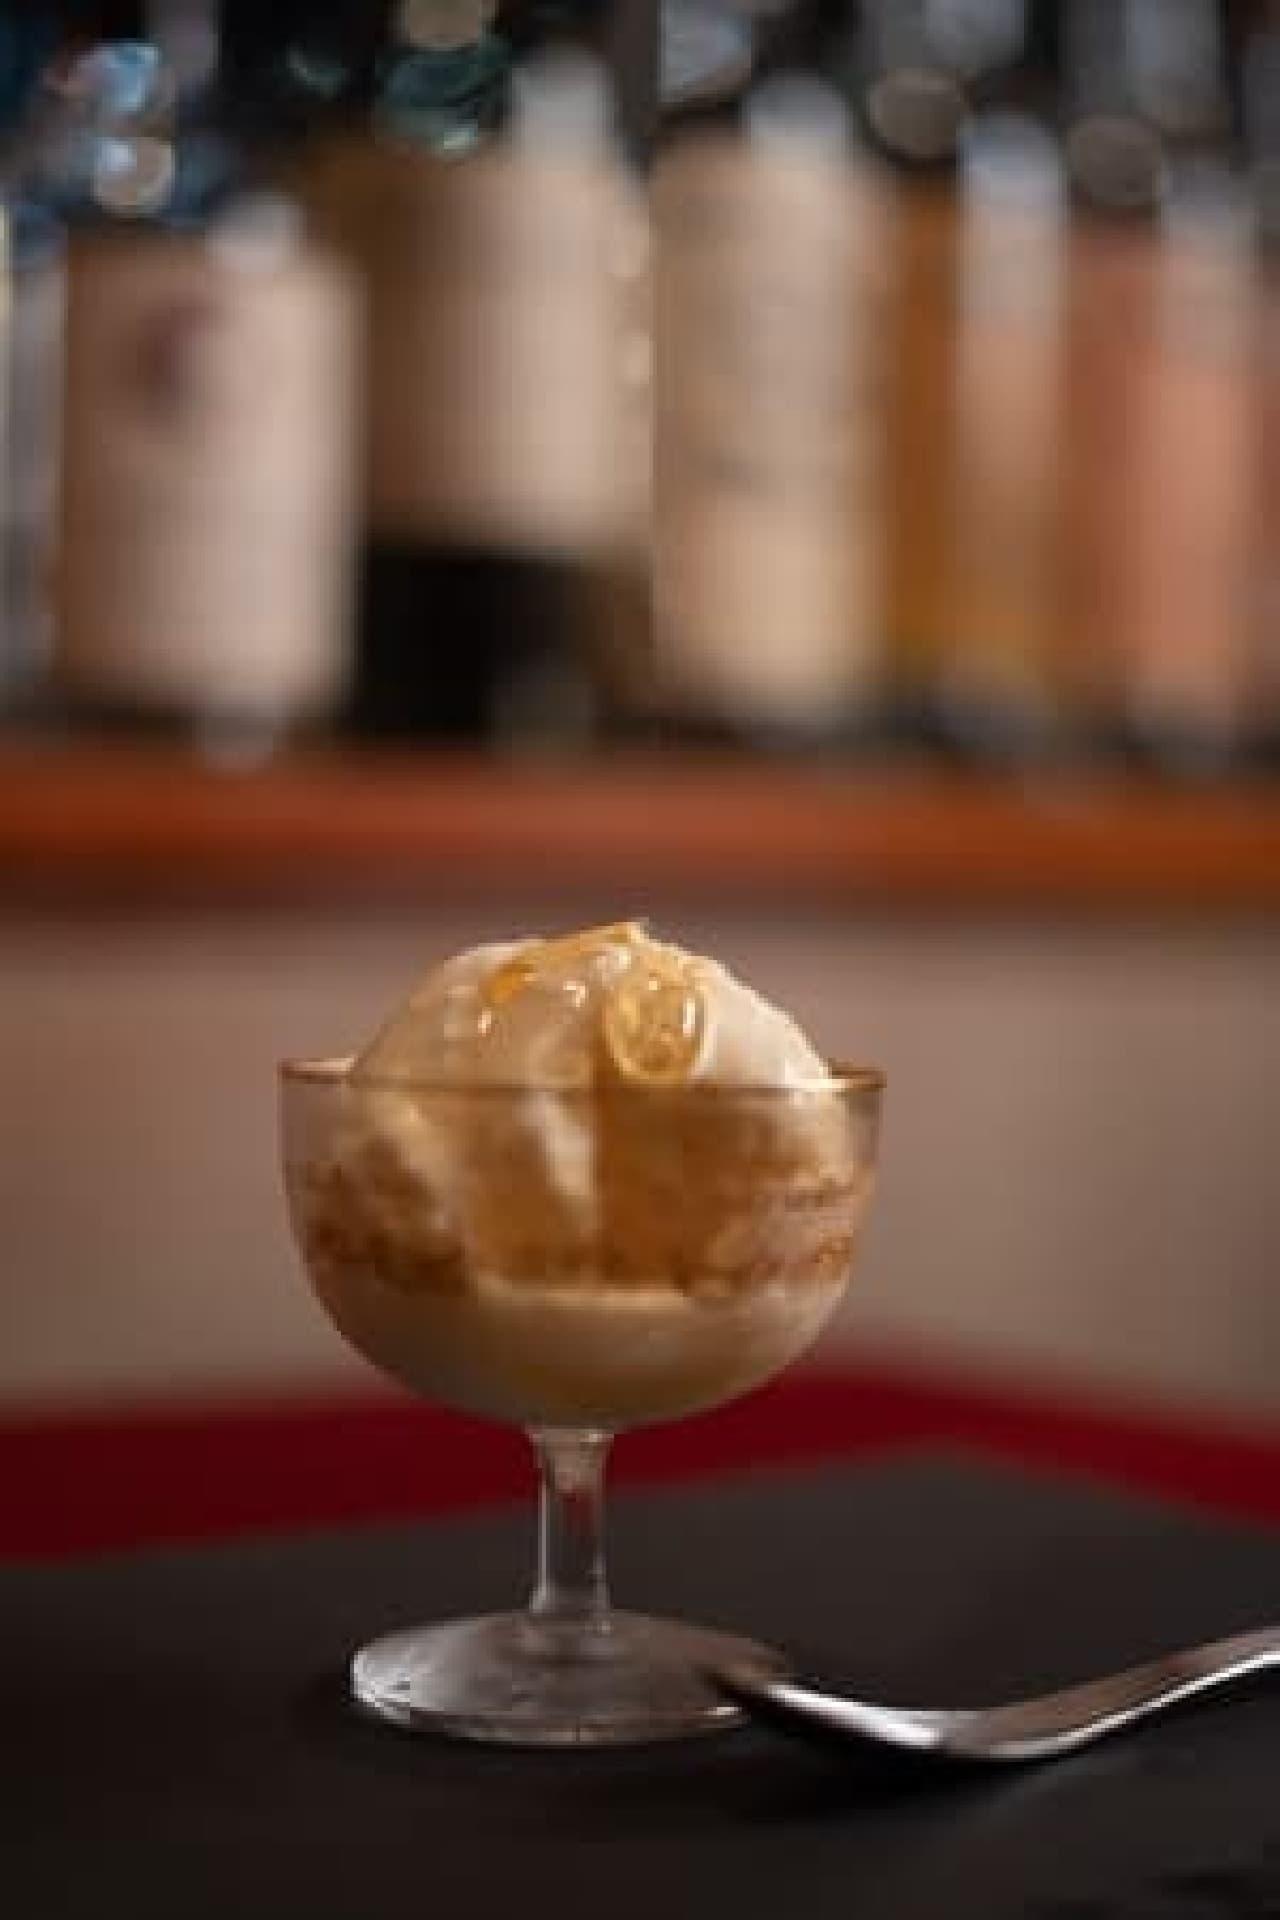 焼き芋カクテル「酔う焼き芋」をかけたアイス